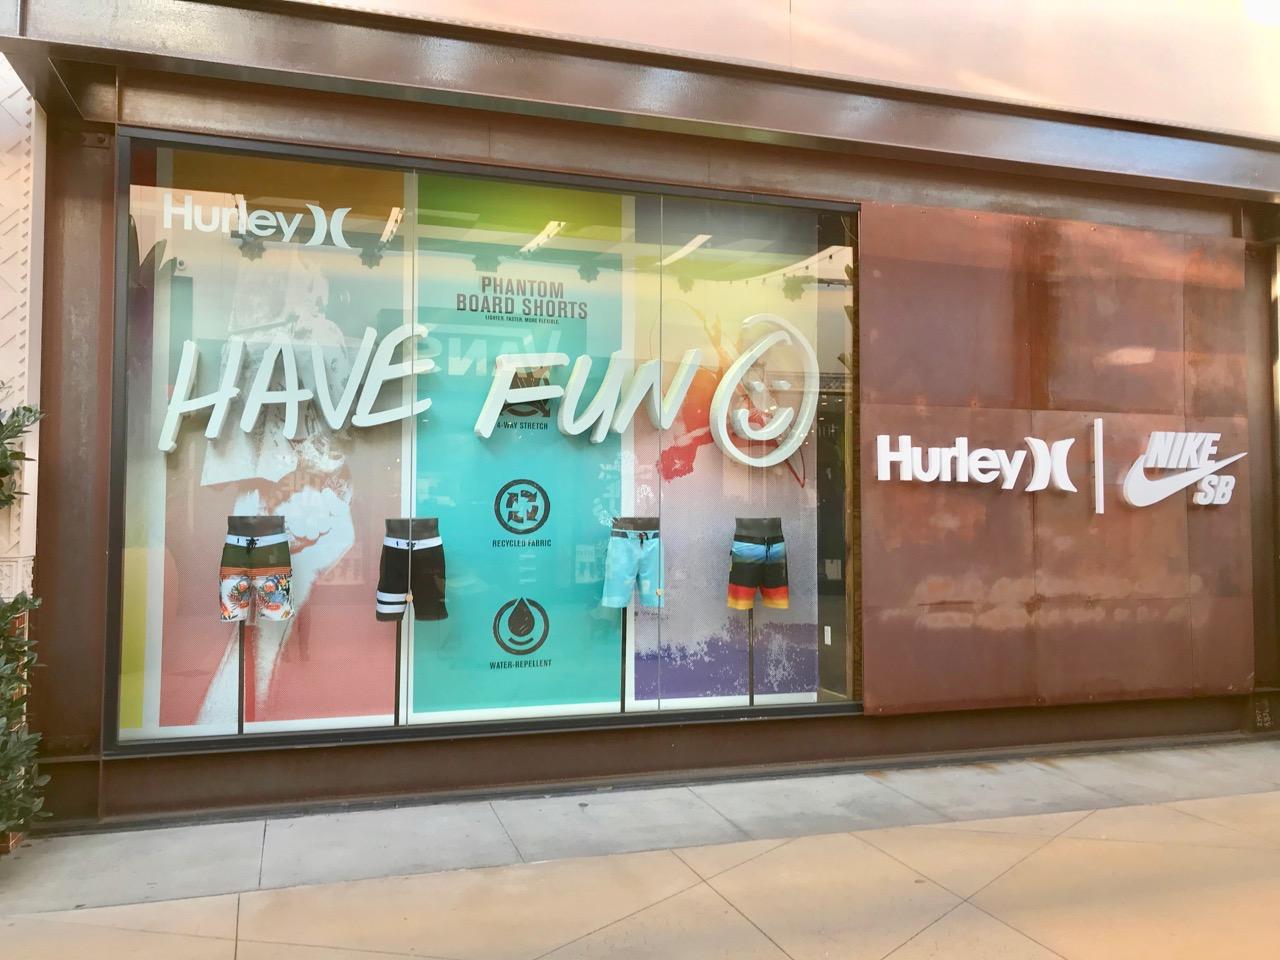 holiday19 hurleyStore 3